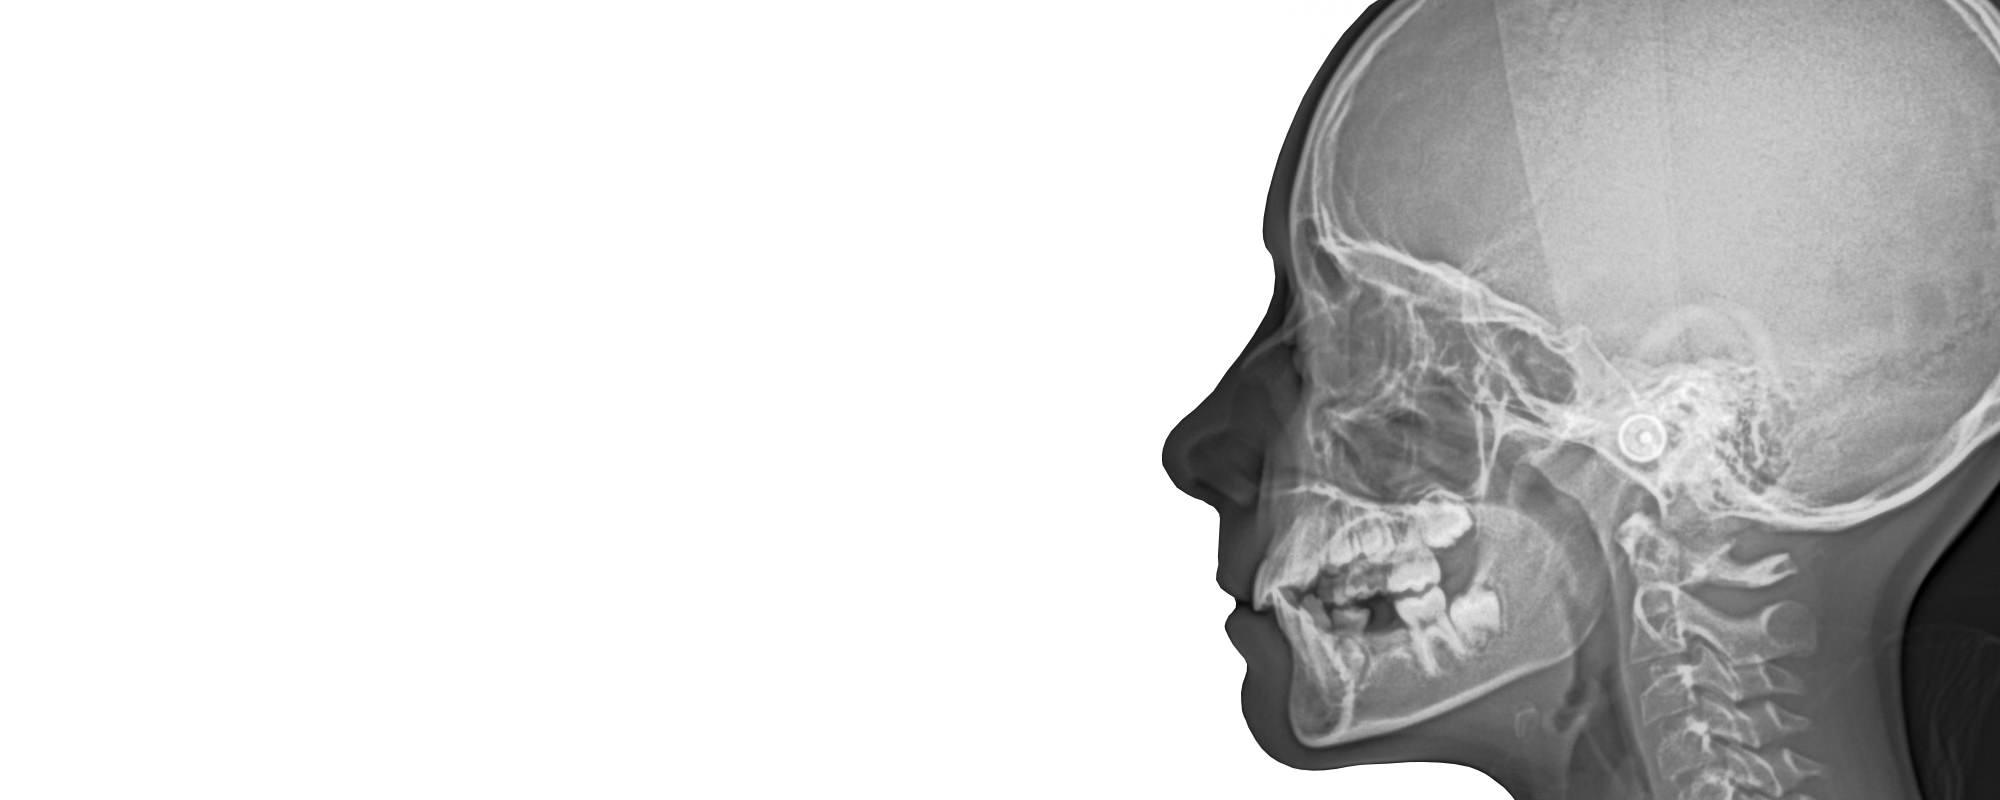 Radiografia 3D